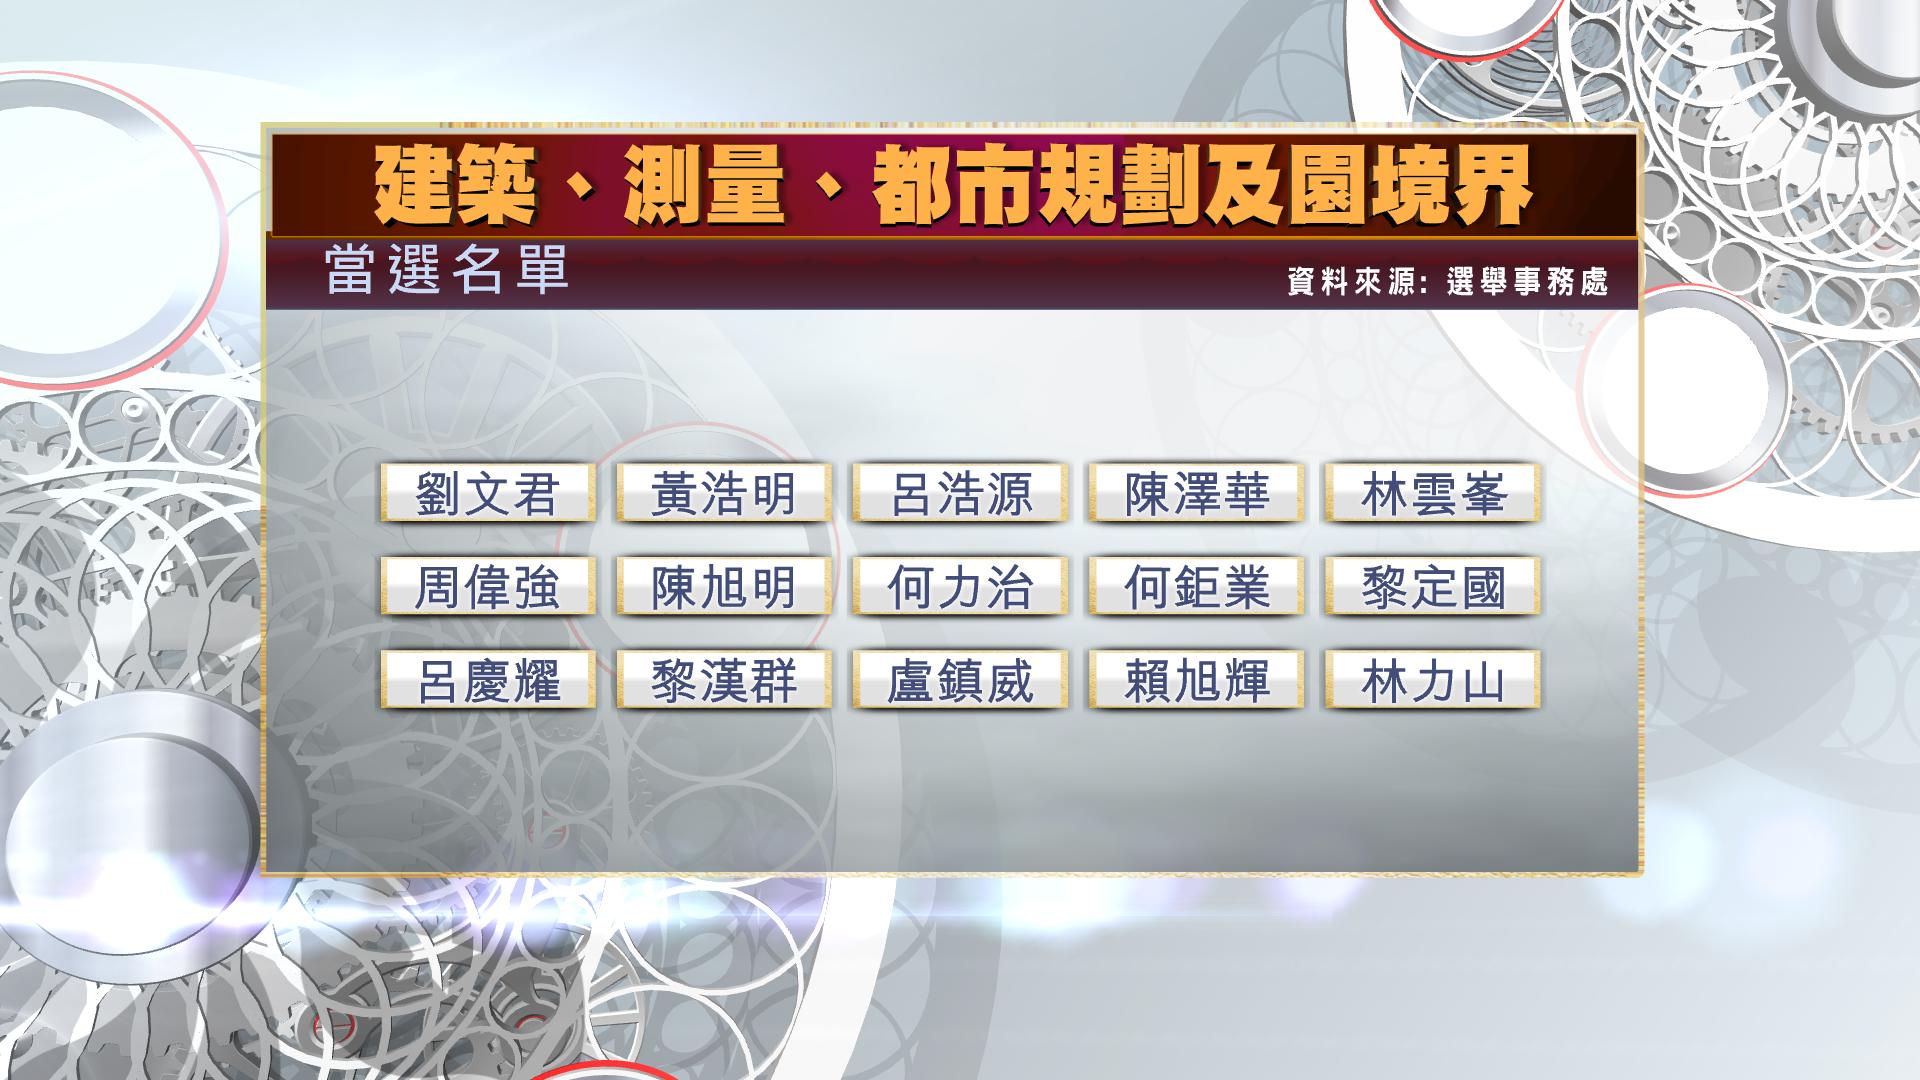 【一按即睇】選委會選舉當選名單